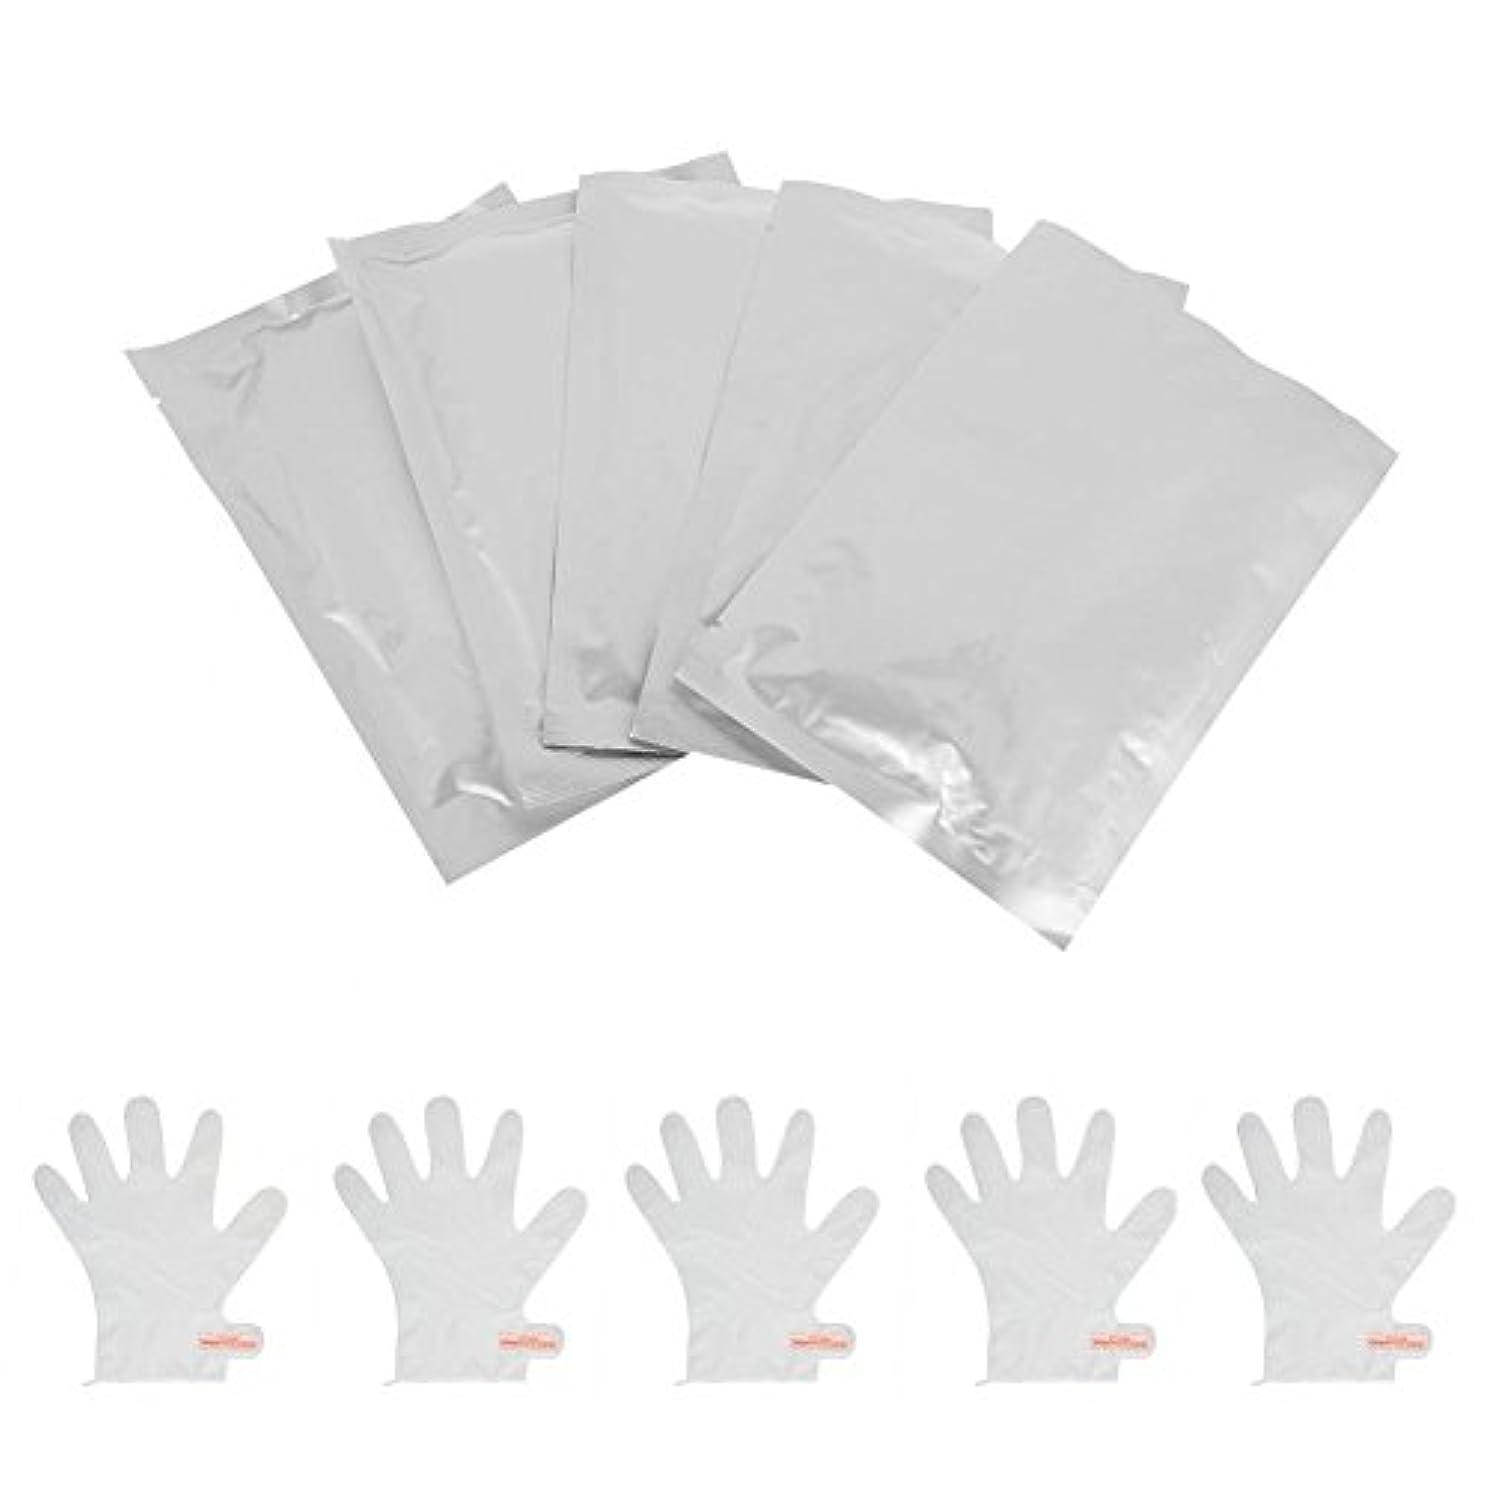 サミュエル賛辞出演者Ochun ハンドマスク ハンドパック しっとり 保湿ケア 手荒れを防ぐ 乾燥の季節に適用 手袋のようにはめるだけ 10枚セット